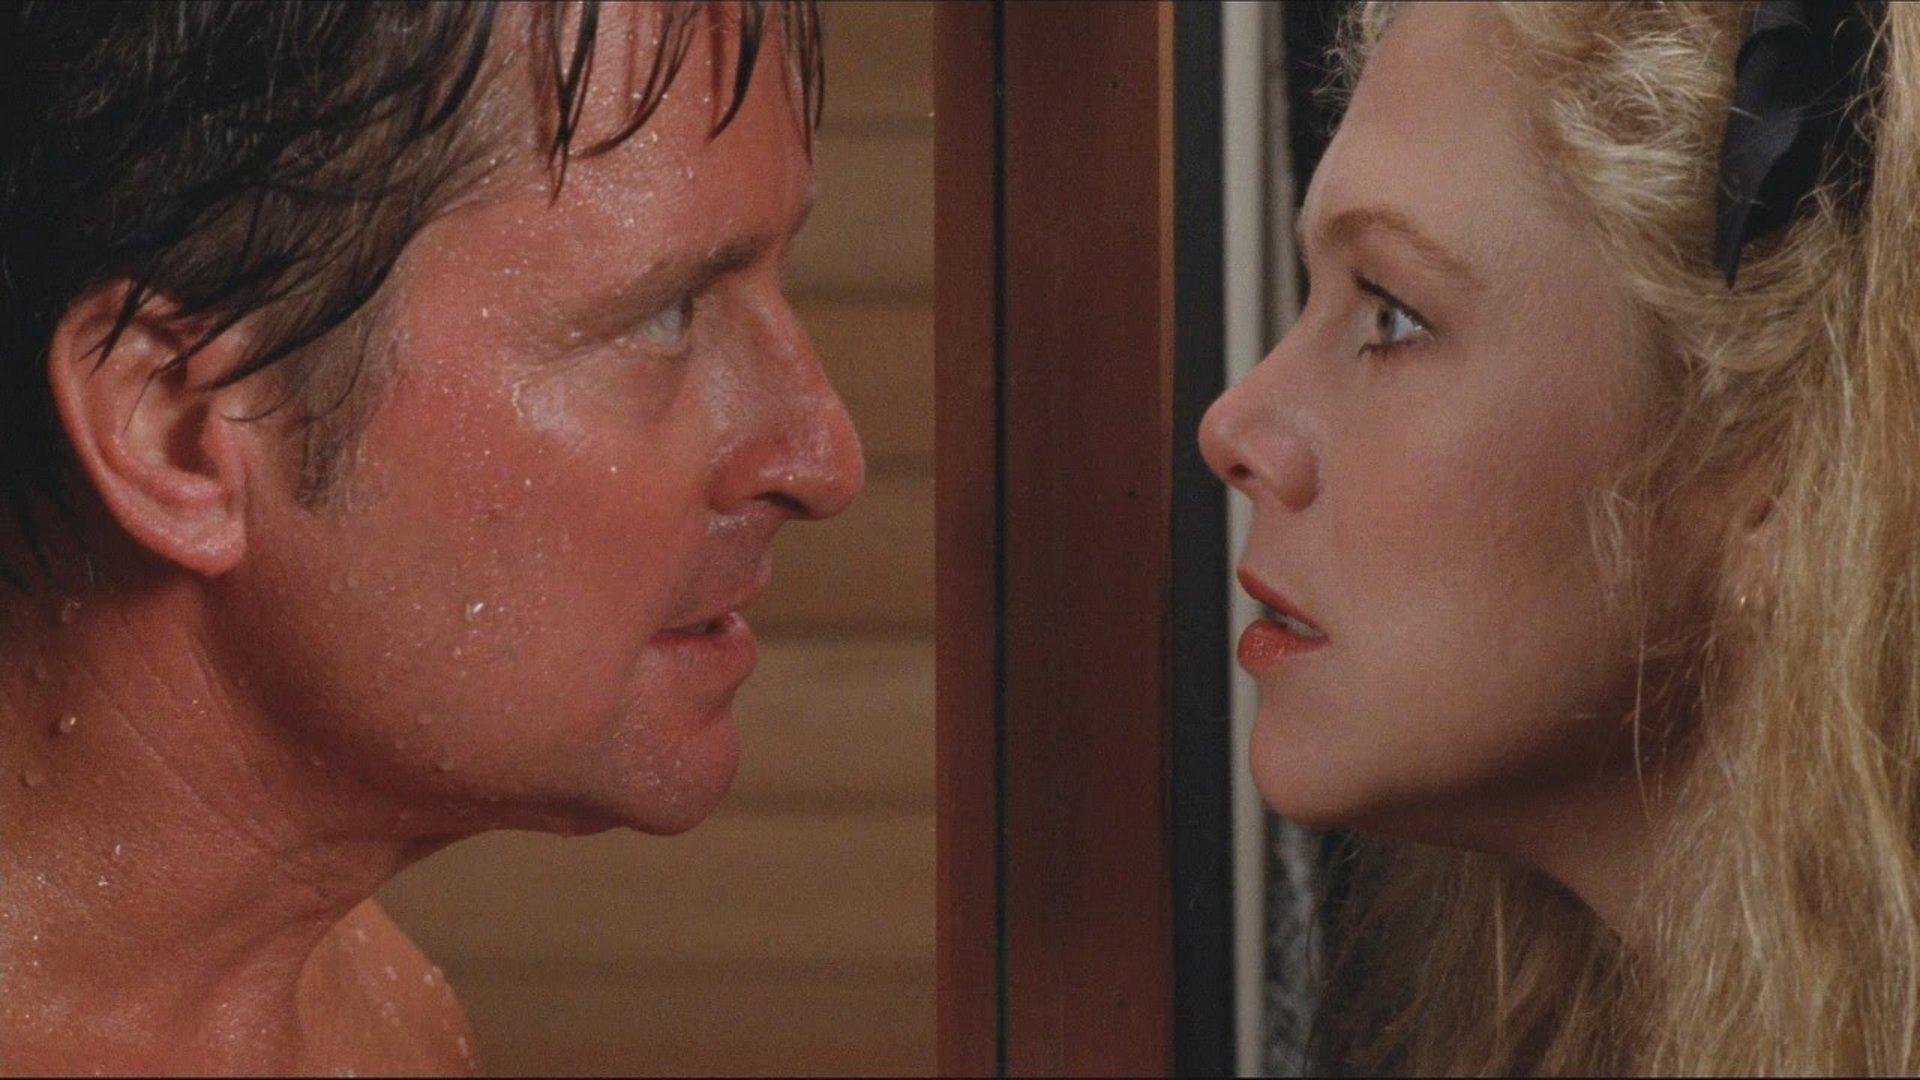 Deu pel·lícules que no hauries de veure durant una ruptura